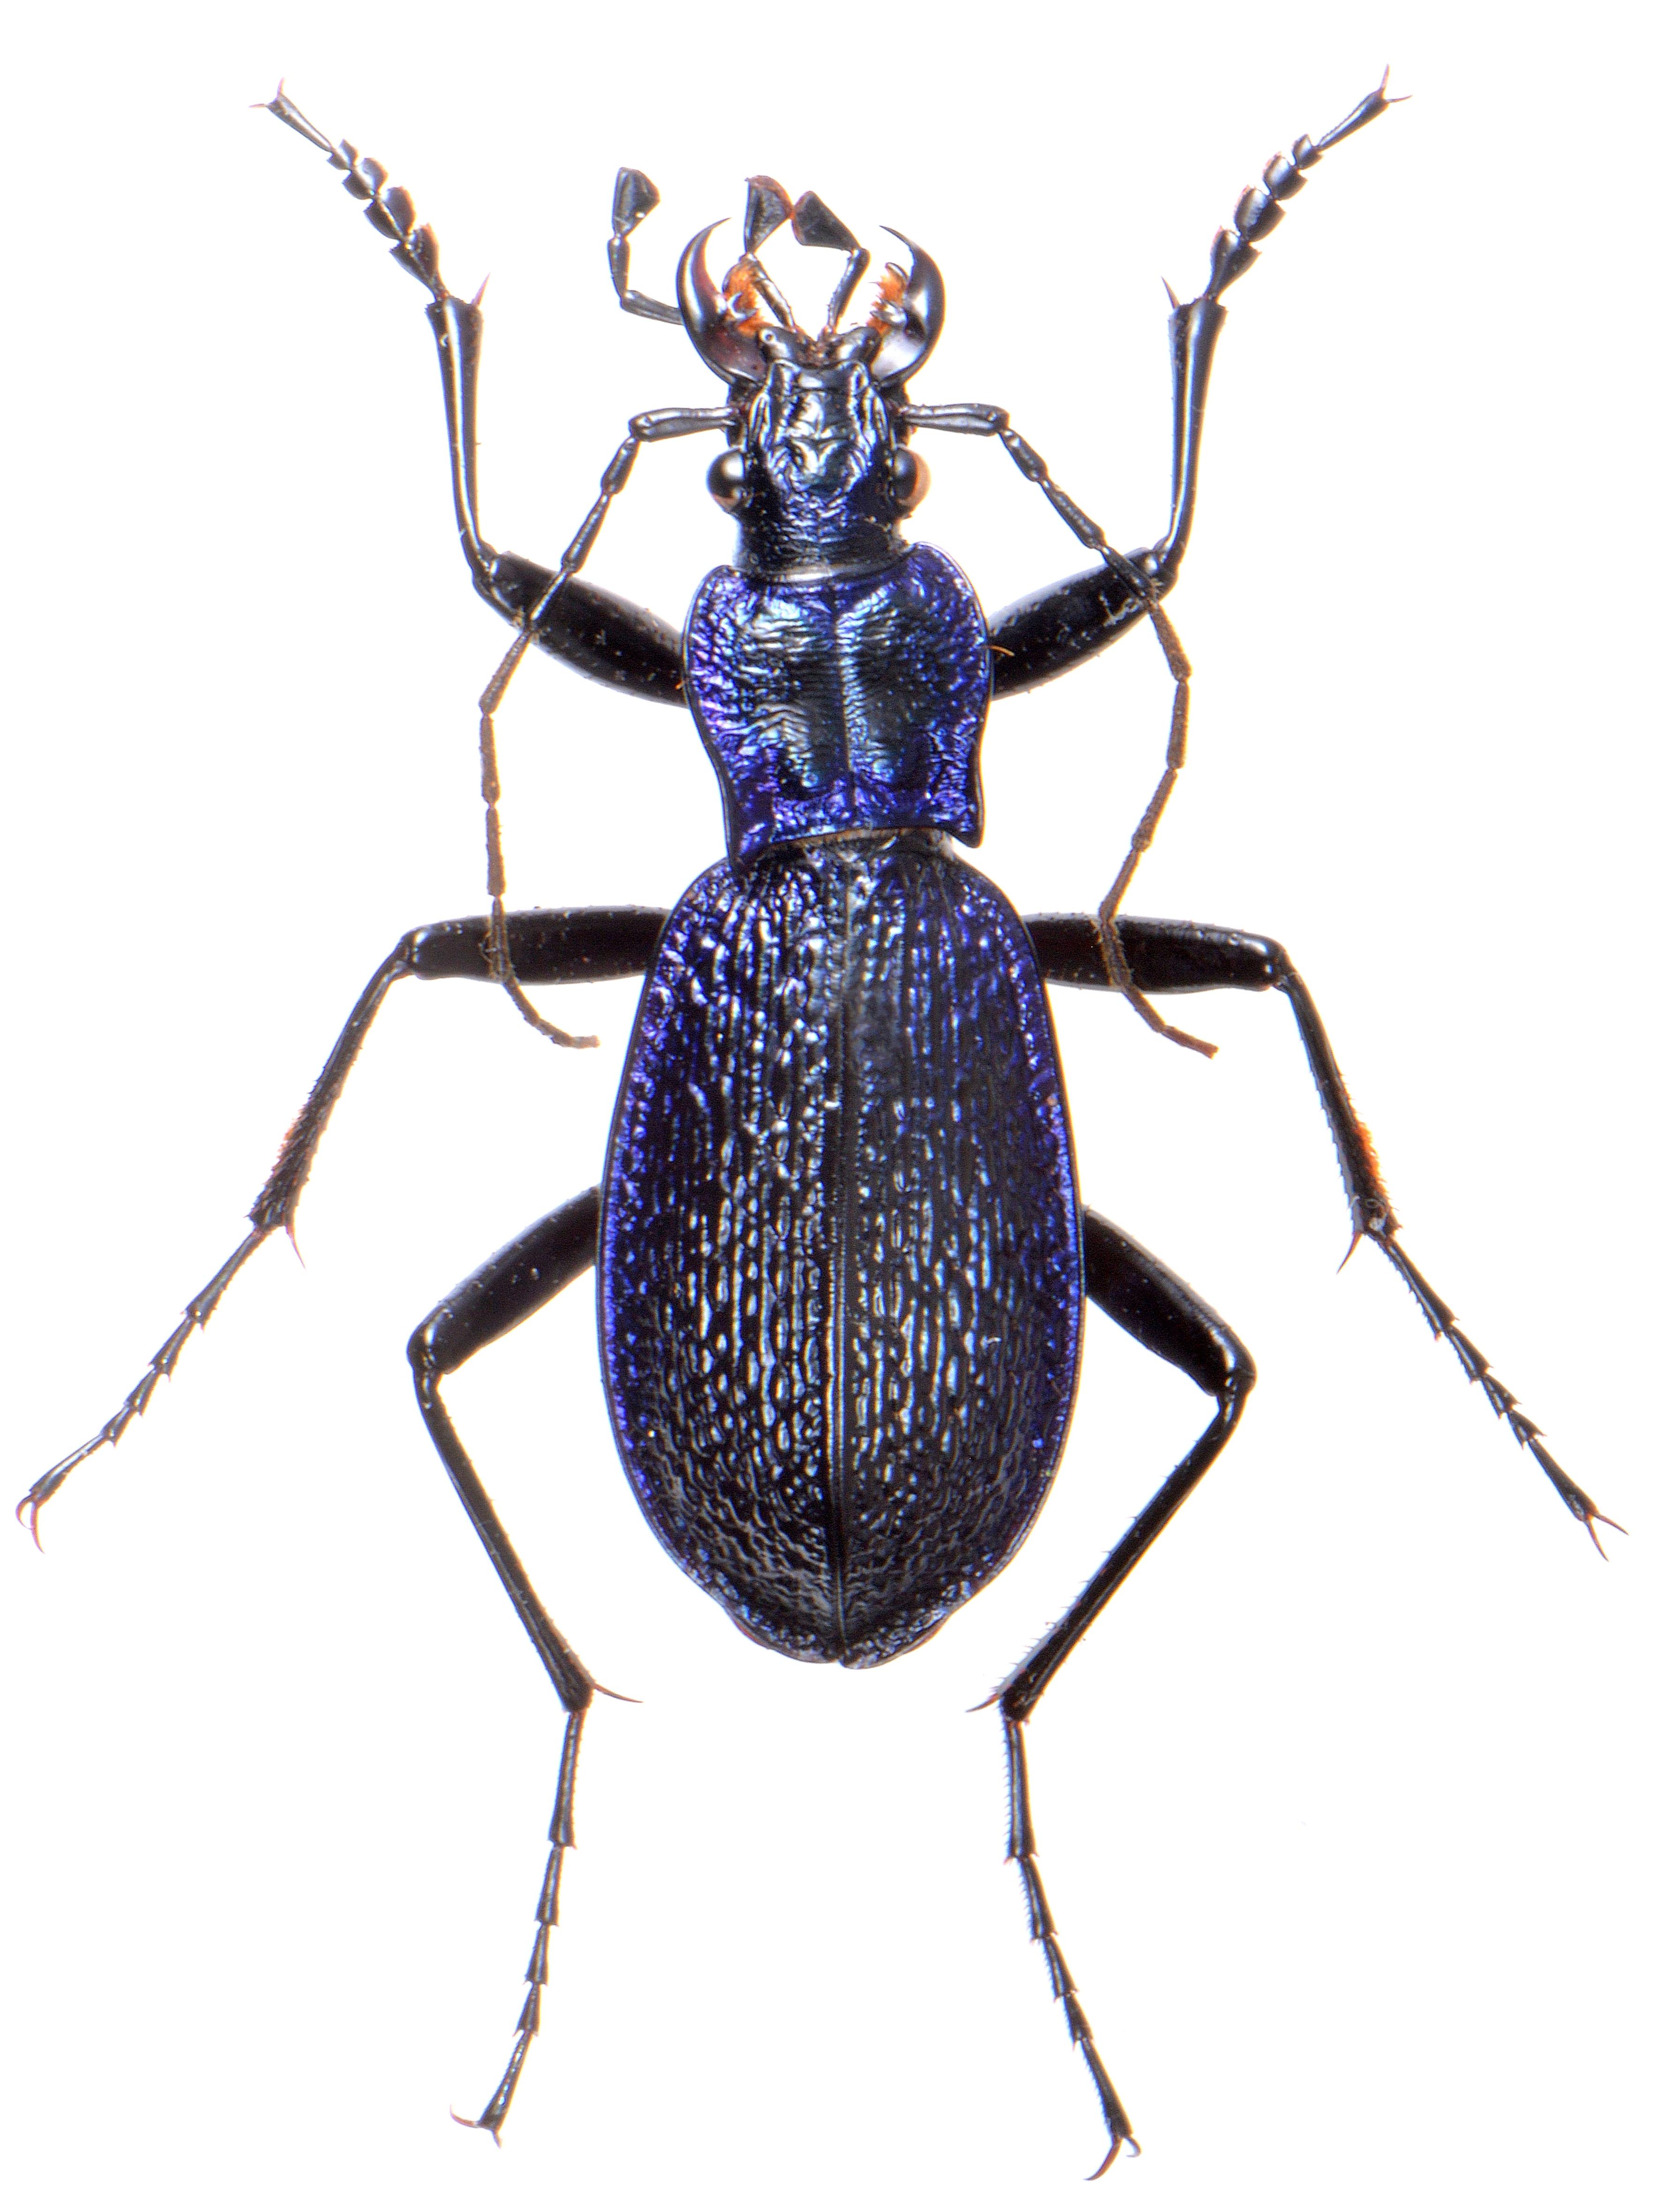 Carabus intricatus ♂